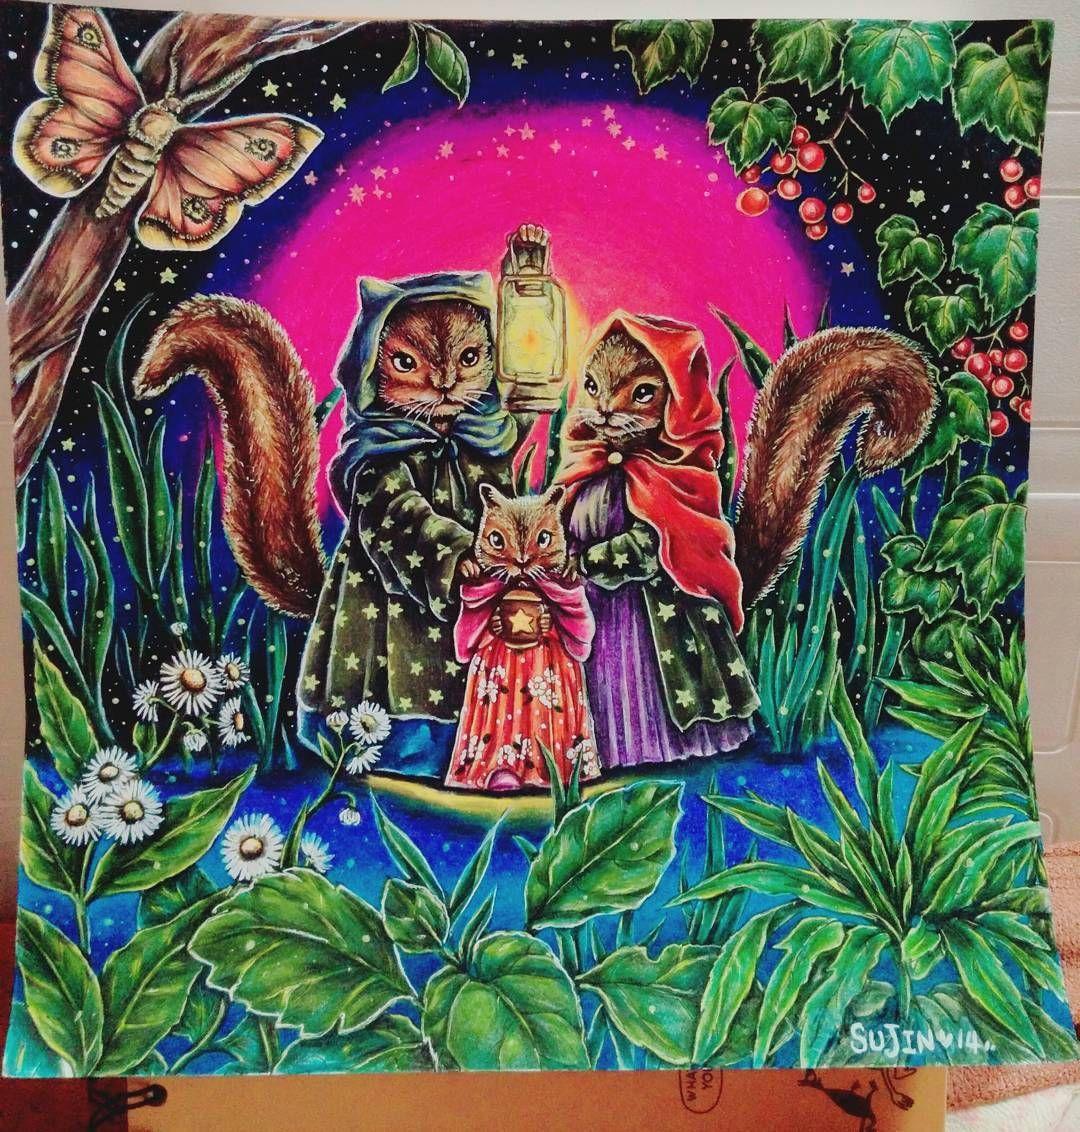 《열네번째 컬러링💛💙💜❤》 열두줄언니한테 선물받은 《네가오는날》 채색완료😍  간만에 색칠했는데 이눔의 손은 언제낫지. - #daily #selca #coloring #colouring #coloringbook #art #illust #antistress #prismacolor #fabercastellpolychromos #healing #coloredpencil #thedaywefinallymeet #일상 #셀카 #아트 #컬러링 #컬러링북 #프리즈마 #파버카스텔폴리크로모스120색 #색연필 #네가오는날 #상상의집 #김유진작가 #우기다 #힐링 #색칠공부 #안티스트레스 #일러스트 #연희동